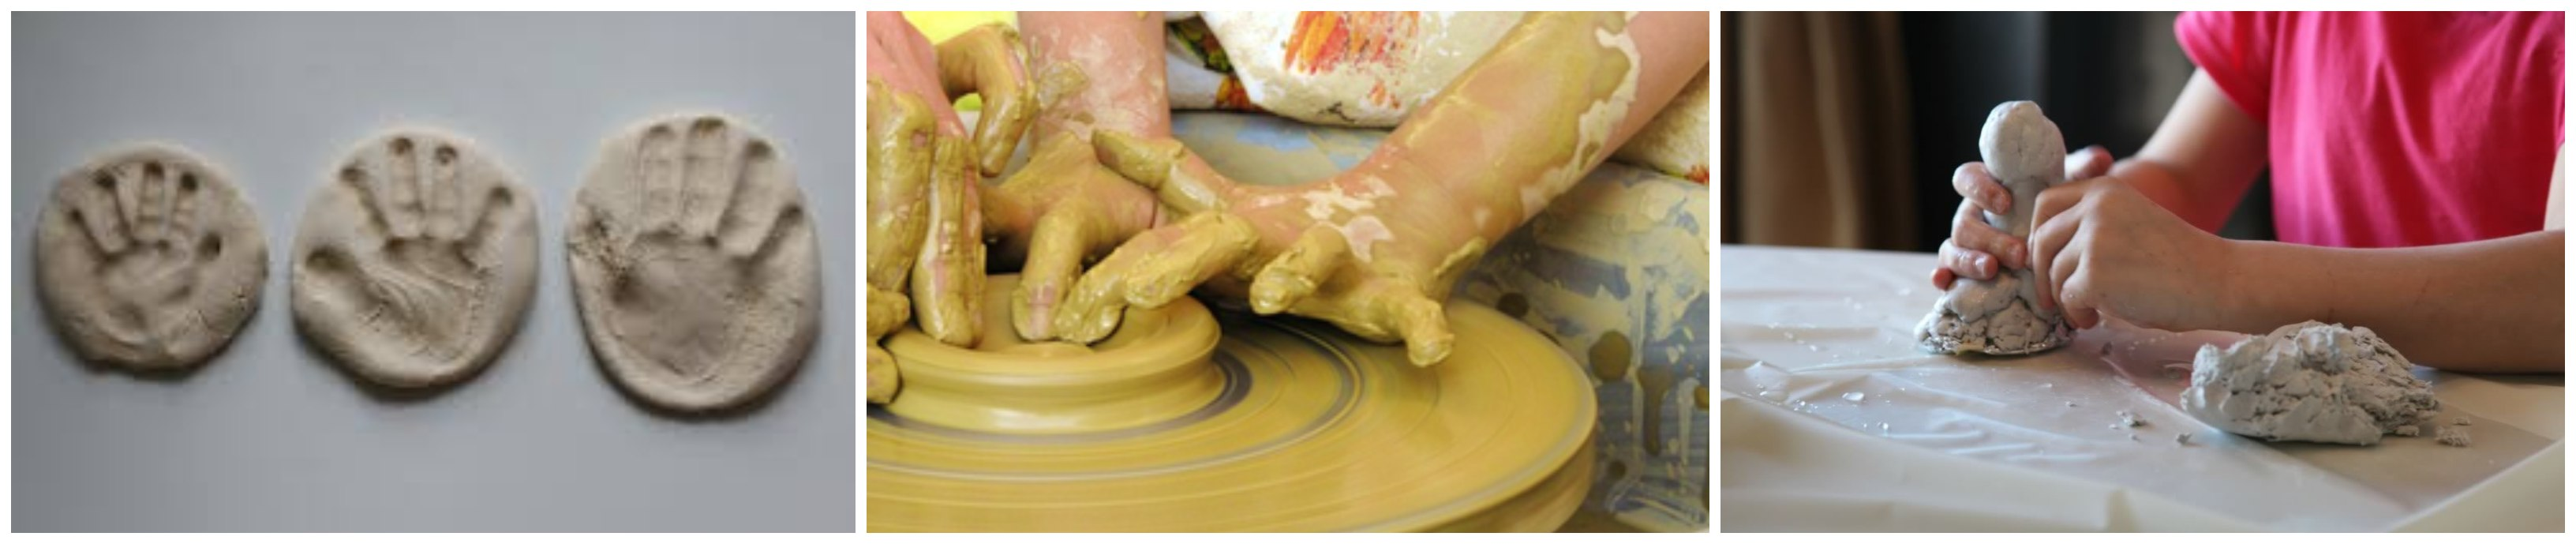 laboratoria di ceramica per bambini